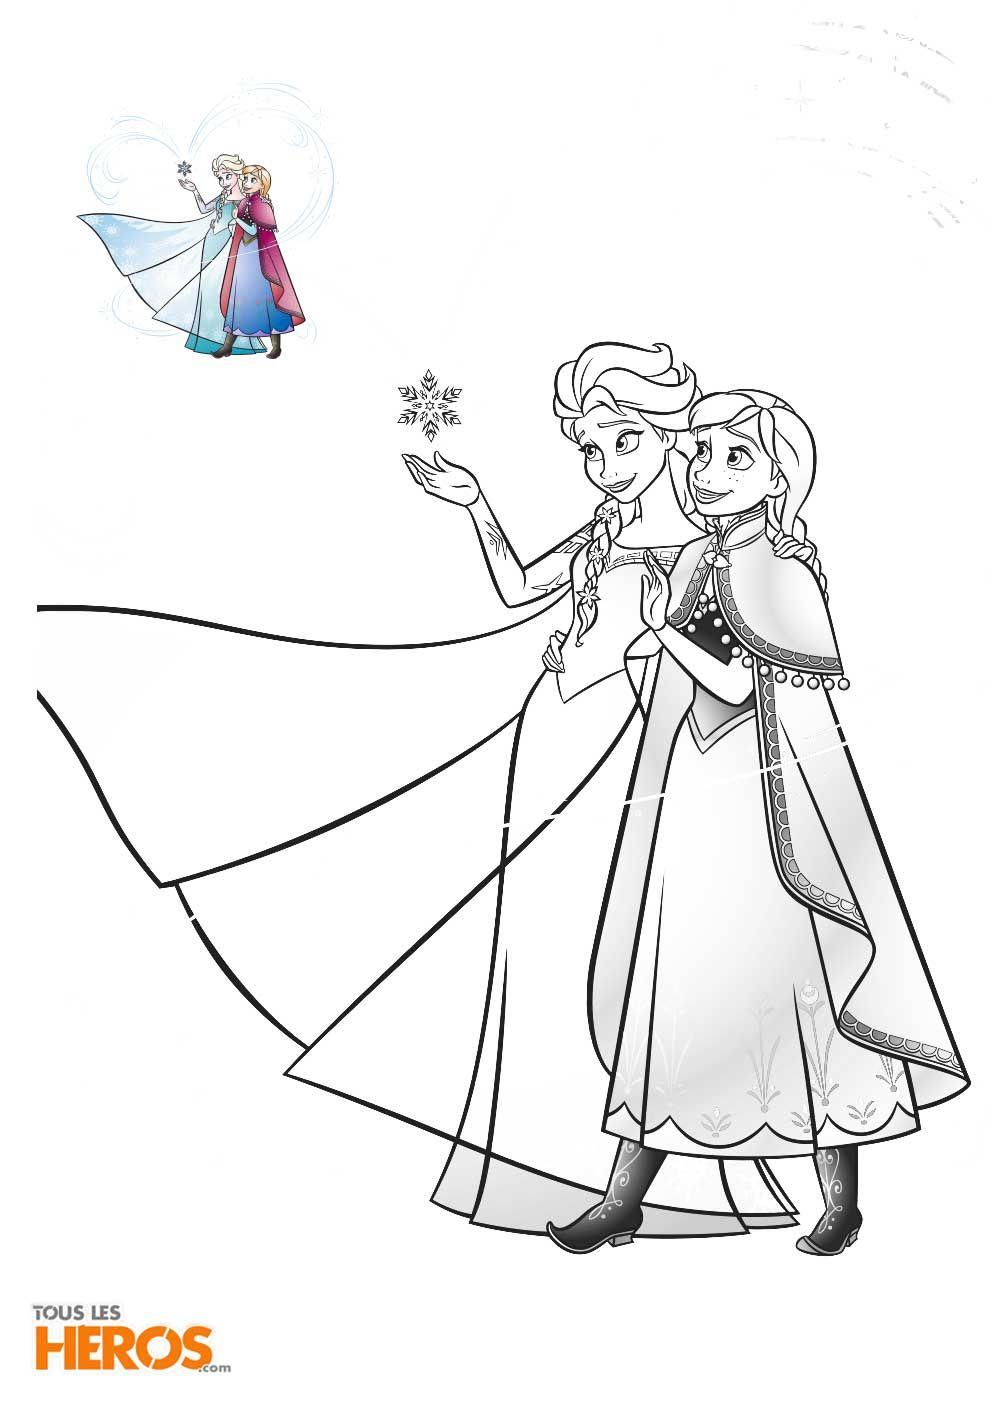 Frozen coloring pages, Frozen coloring, Elsa coloring pages